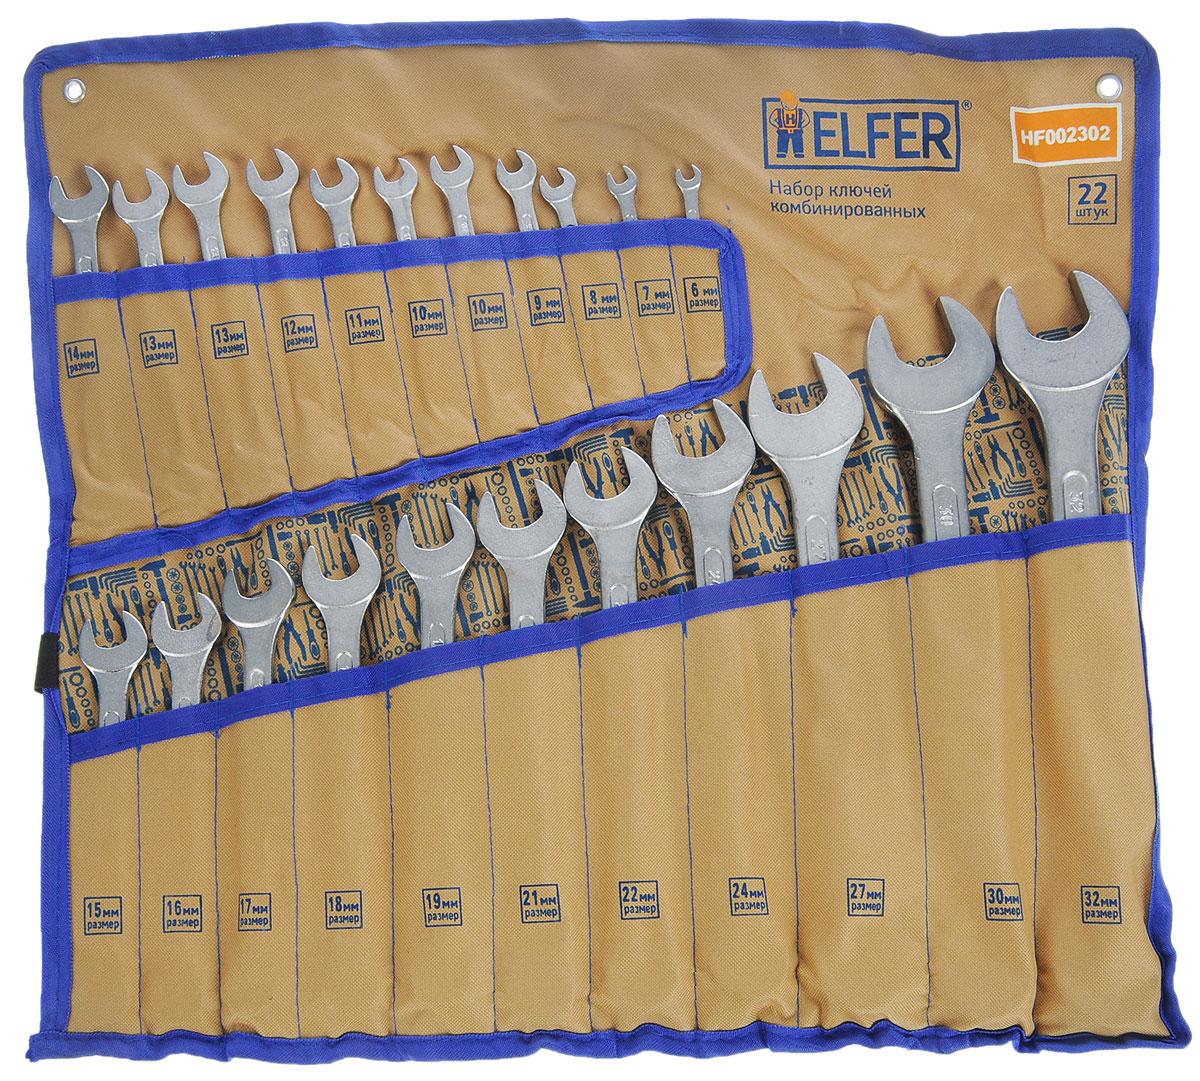 Набор комбинированных гаечных ключей Helfer, 23 предметаFS-80423Набор Helfer включает 22 комбинированных гаечных ключа, выполненных из качественной стали. Благодаря правильному подбору материала и параметров технологического процесса ключи выдерживают высокие нагрузки, устойчивы к истиранию рабочих граней. Применяются для работ с шестигранным крепежом. Комбинированный гаечный ключ - незаменимый инструмент при сборке и разборке любых металлических конструкций. Он сочетает в себе рожковый и накидной гаечные ключи. Первый нужен для работы в труднодоступных местах, второй более эффективен при отворачивании тугого крепежа. Для хранения набора предусмотрен текстильный чехол-органайзер.